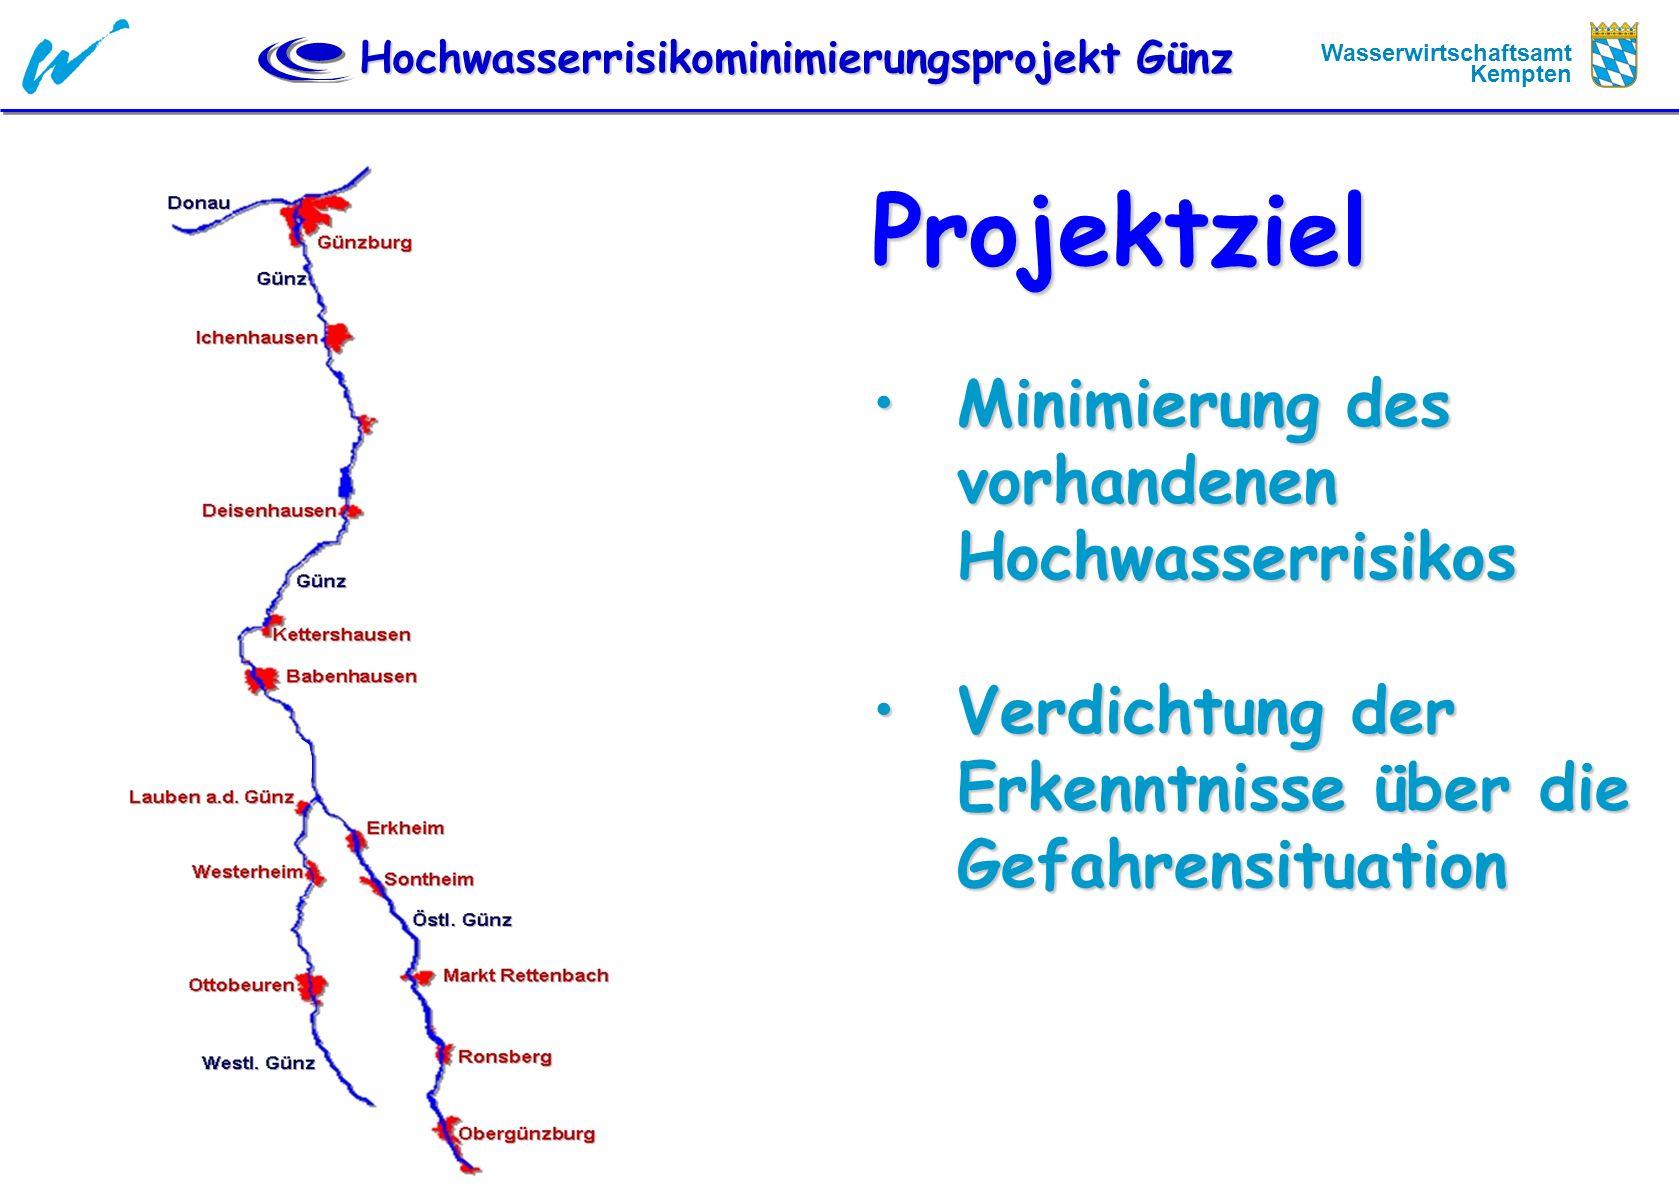 Hochwasserrisikominimierungsprojekt Günz Wasserwirtschaftsamt Kempten ProjektgrundsätzeProjektgrundsätze keine Abflussverschärfung durch Maßnahmen für An- / Ober- / Unterlieger (bei kleinen, mittleren und großen Hochwässern) keine Abflussverschärfung durch Maßnahmen für An- / Ober- / Unterlieger (bei kleinen, mittleren und großen Hochwässern) Integrale Sichtweise – von der Quelle bis zur Mündung: Hochwasserschutz und Renaturierung Integrale Sichtweise – von der Quelle bis zur Mündung: Hochwasserschutz und Renaturierung Finanzierung nach dem Grundsatz - Nutzung und Wirkung - Ausbaupflicht Finanzierung nach dem Grundsatz - Nutzung und Wirkung - Ausbaupflicht